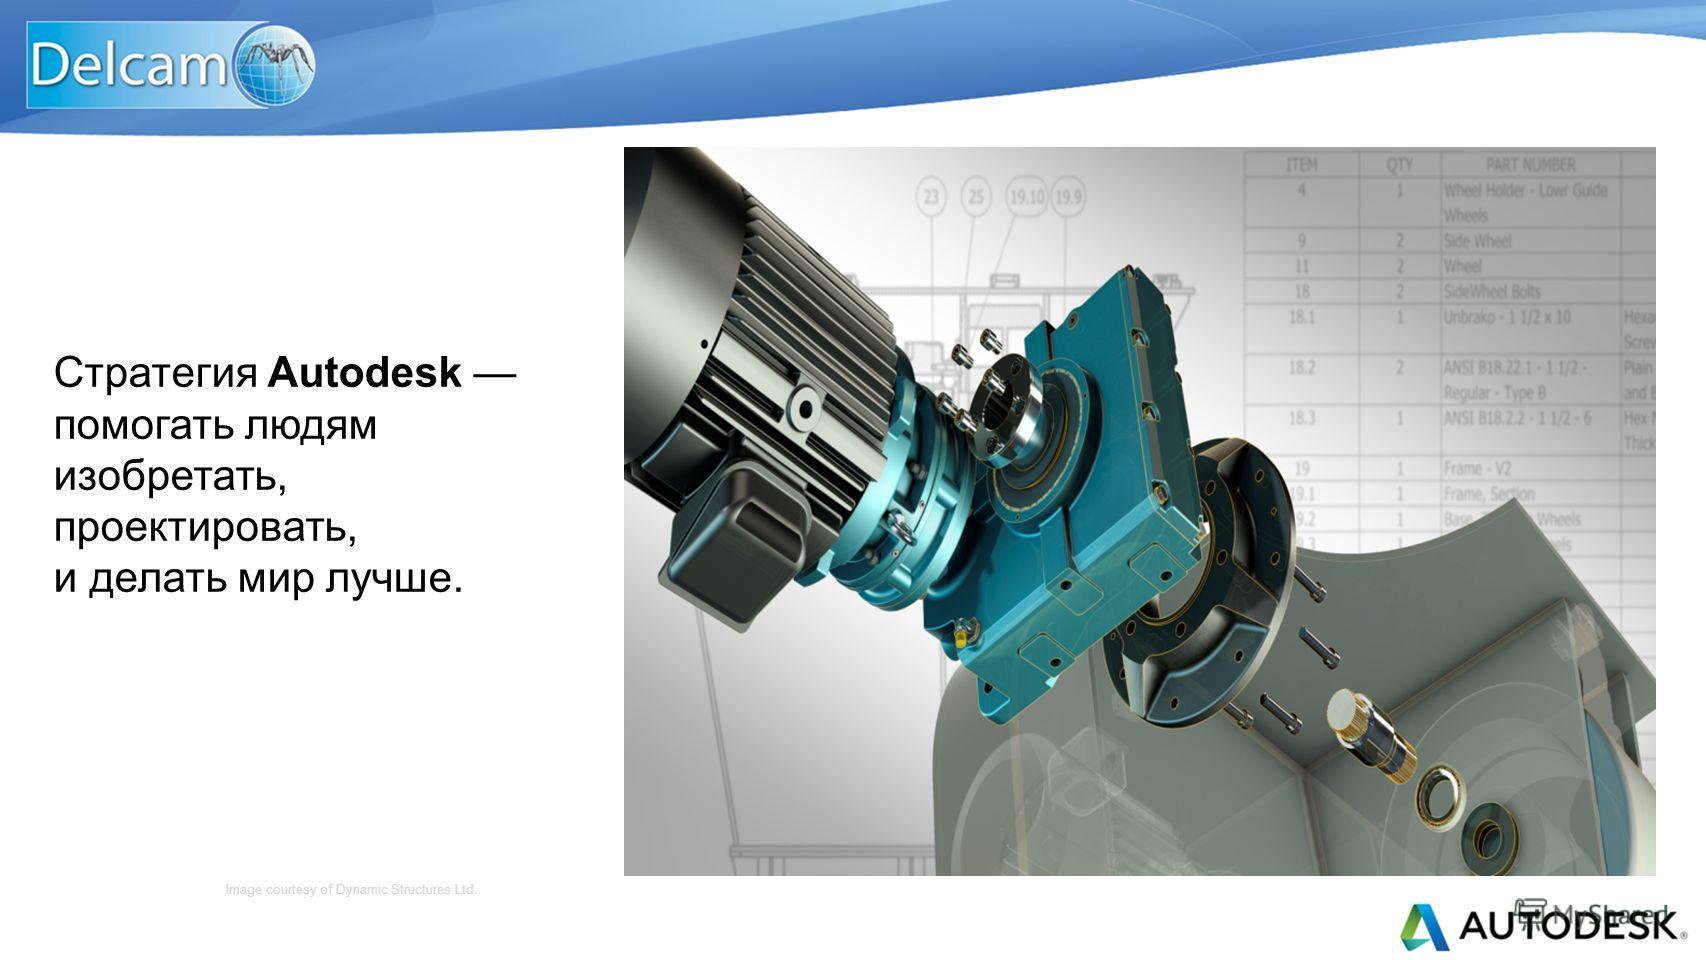 Стратегия Autodesk помогать людям изобретать, проектировать, и делать мир лучше. Image courtesy of Dynamic Structures Ltd.